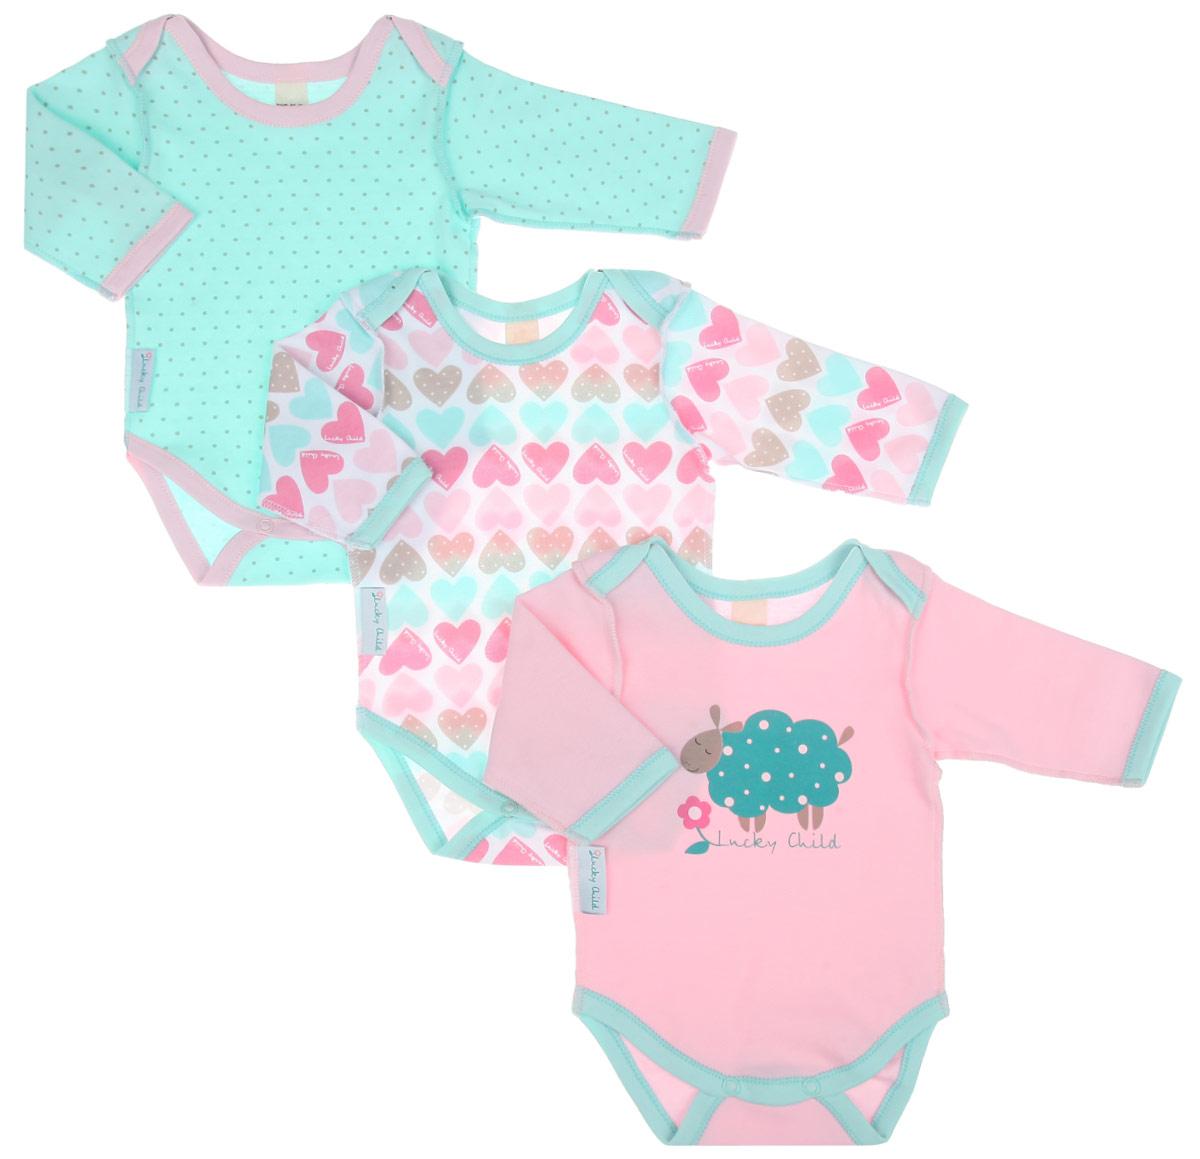 Боди для девочки Lucky Child Овечки, цвет: белый, розовый, светло-зеленый. 30-142. Размер 80/86, 12-18 месяцев lucky child комплект детский боди 3 шт овечки 30 142 3шт